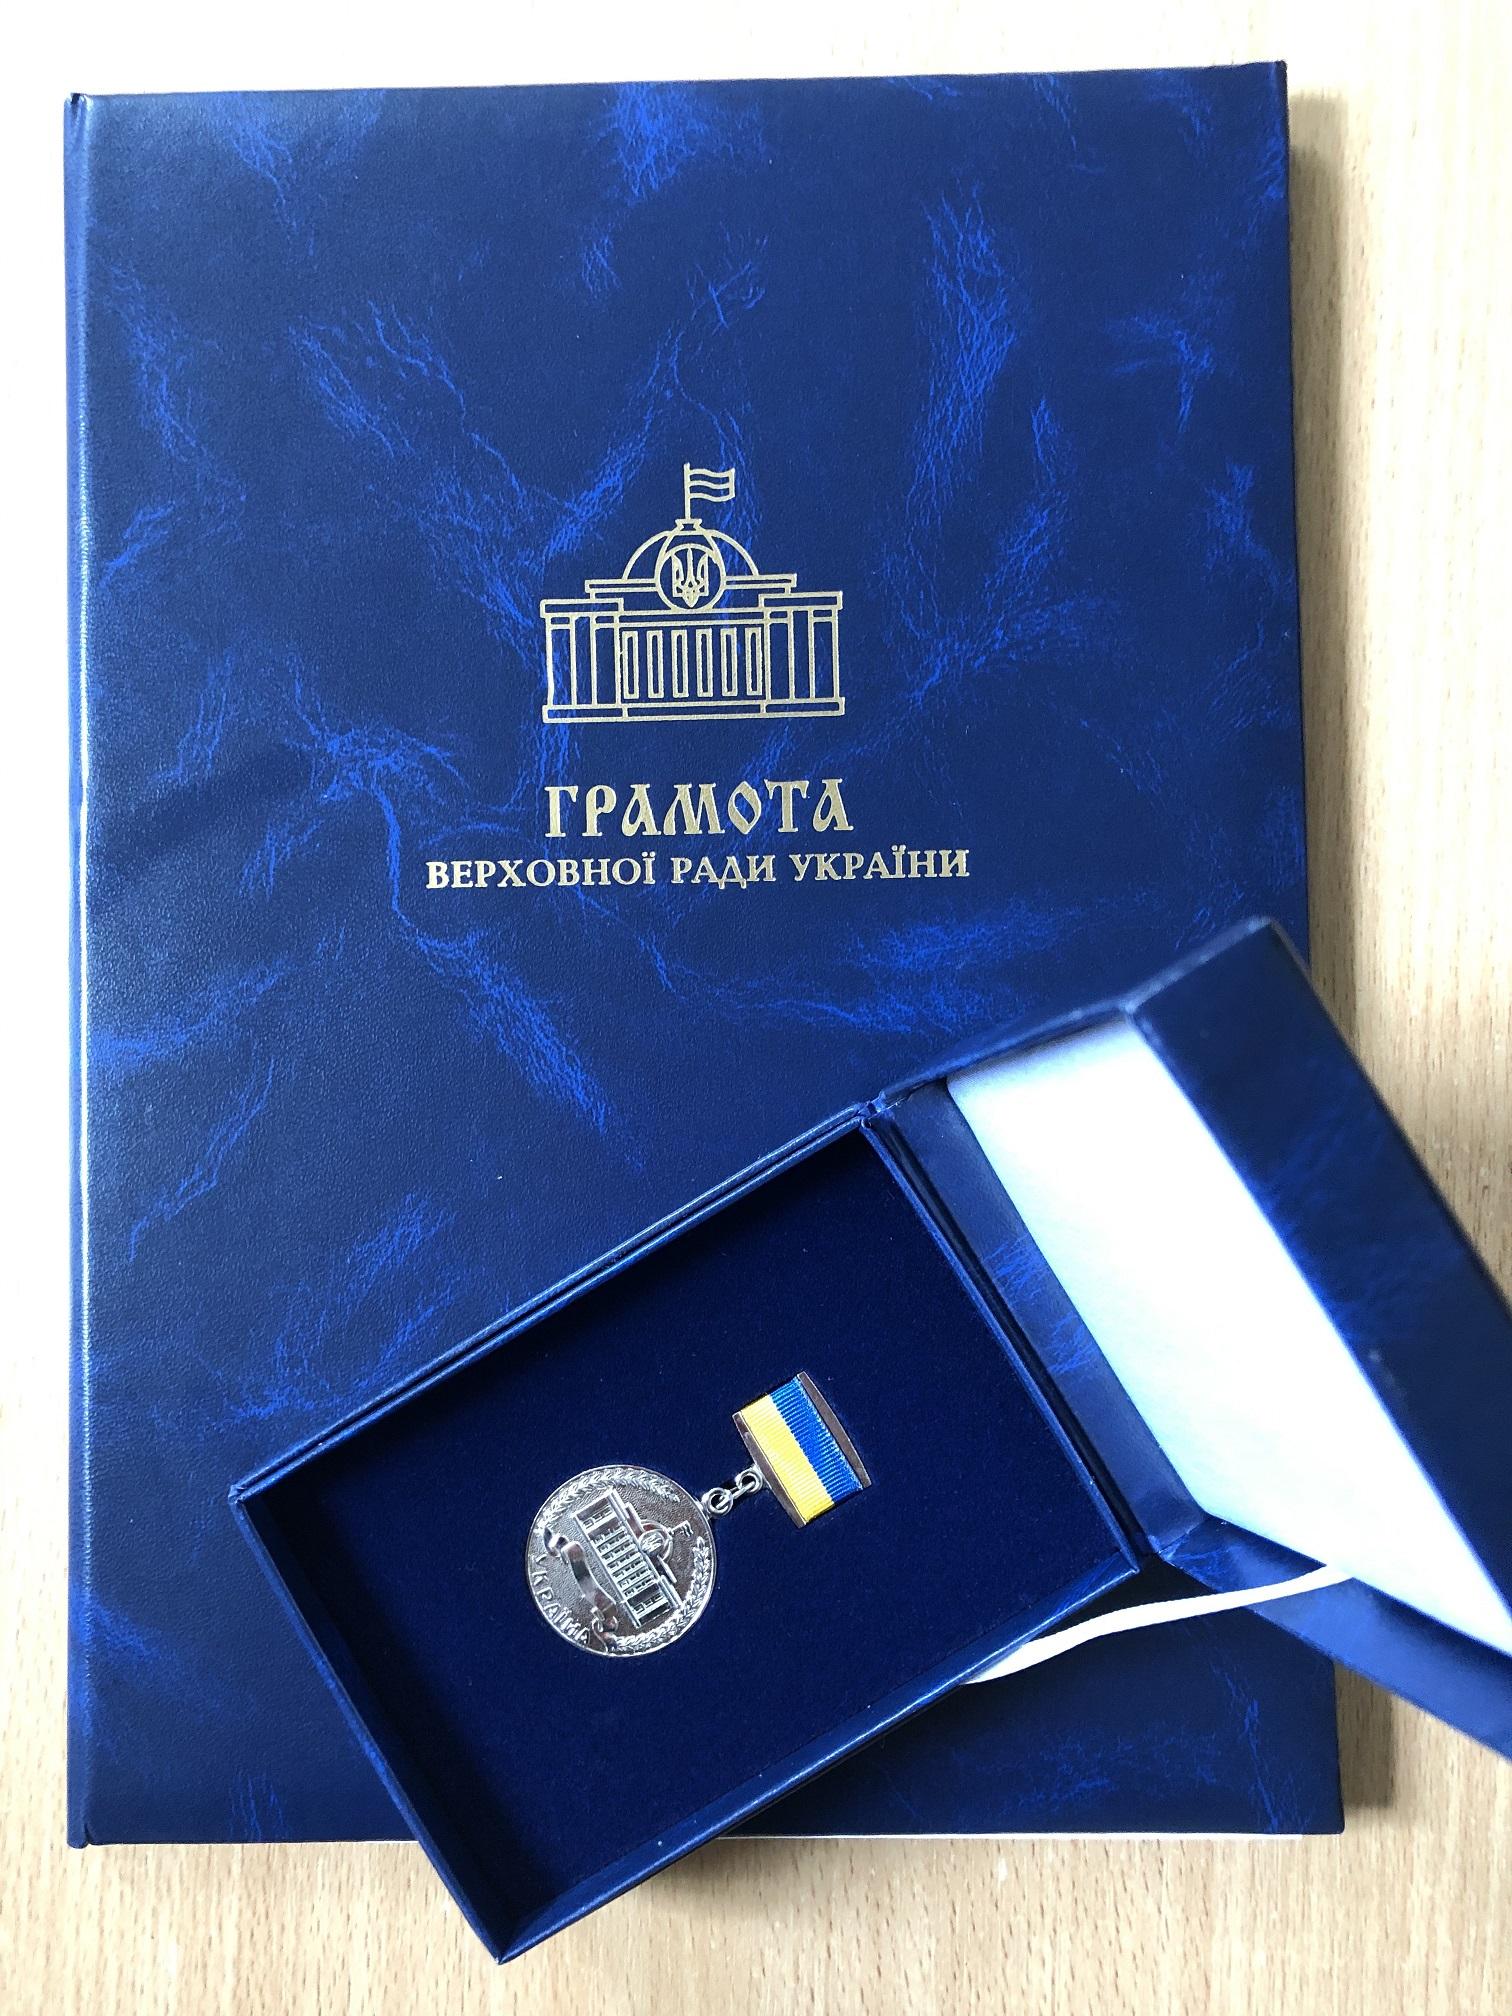 CITAM department congratulates Igor Nevliudov with obtaining a certificate of the Verkhovna Rada of Ukraine!